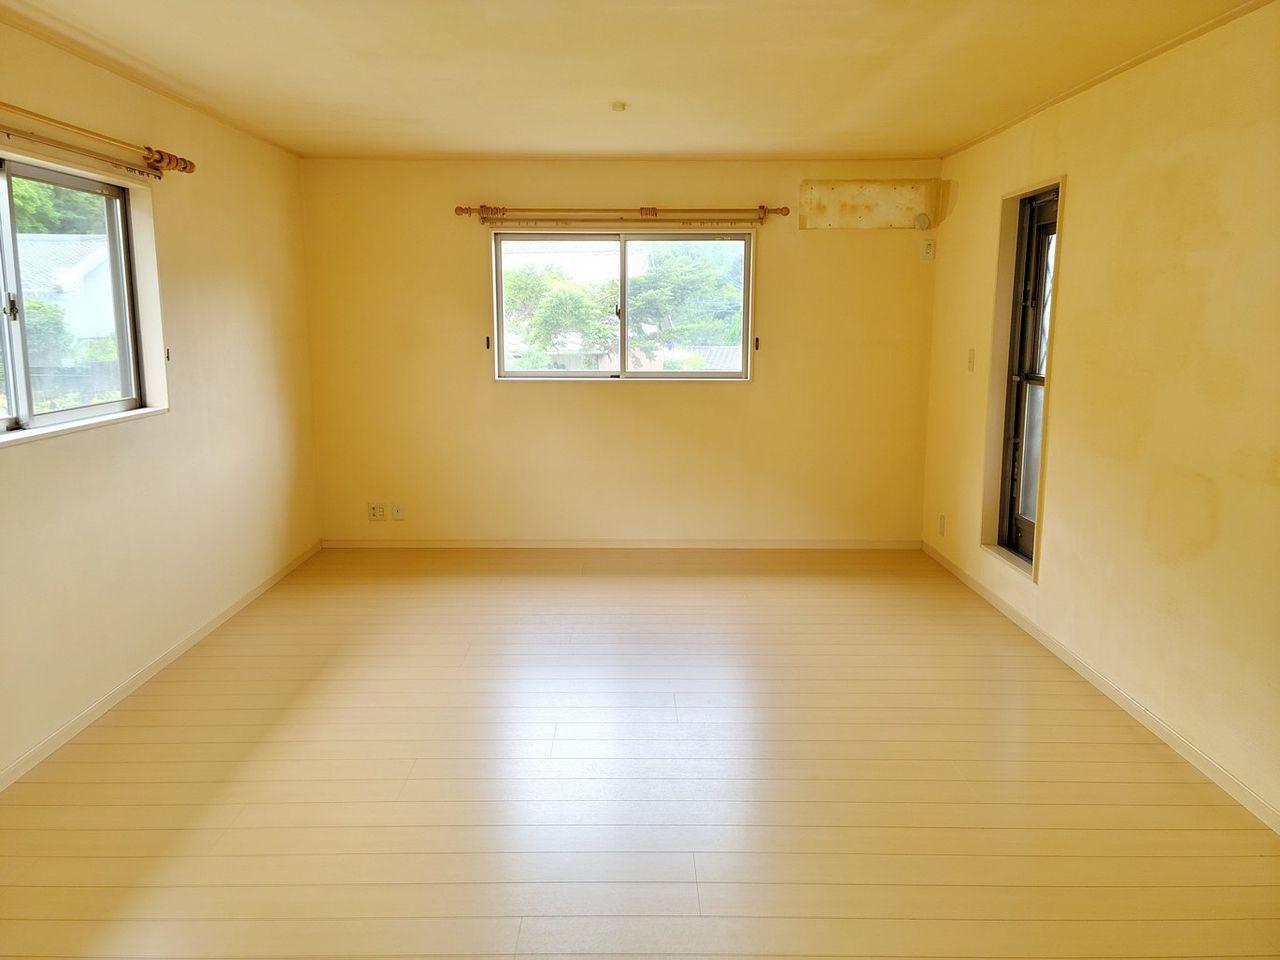 窓が沢山あるので室内明るいです。家具など配置しやすいです。